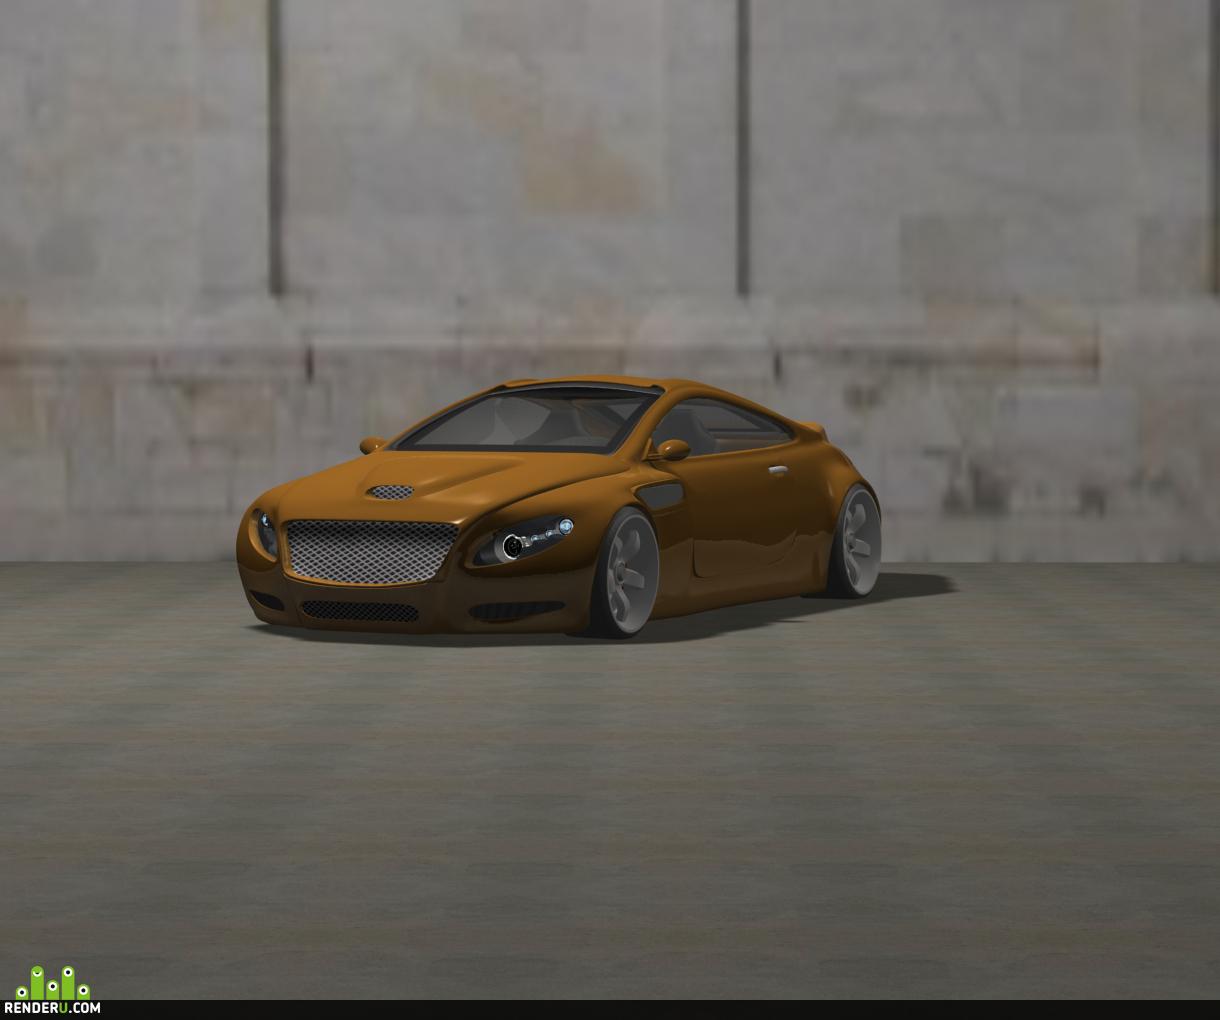 preview LX concept car